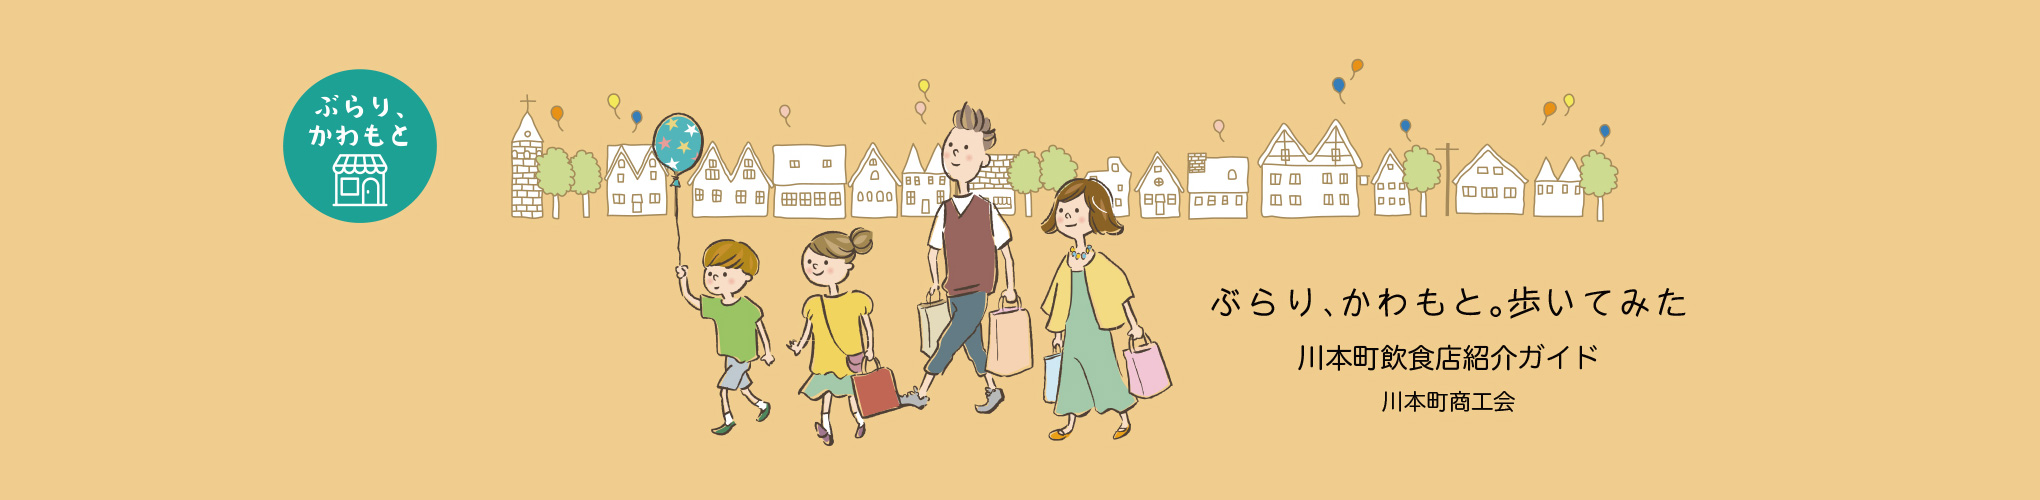 ぶらり、かわもと。歩いてみた 川本町飲食店紹介ガイド 川本町商工会